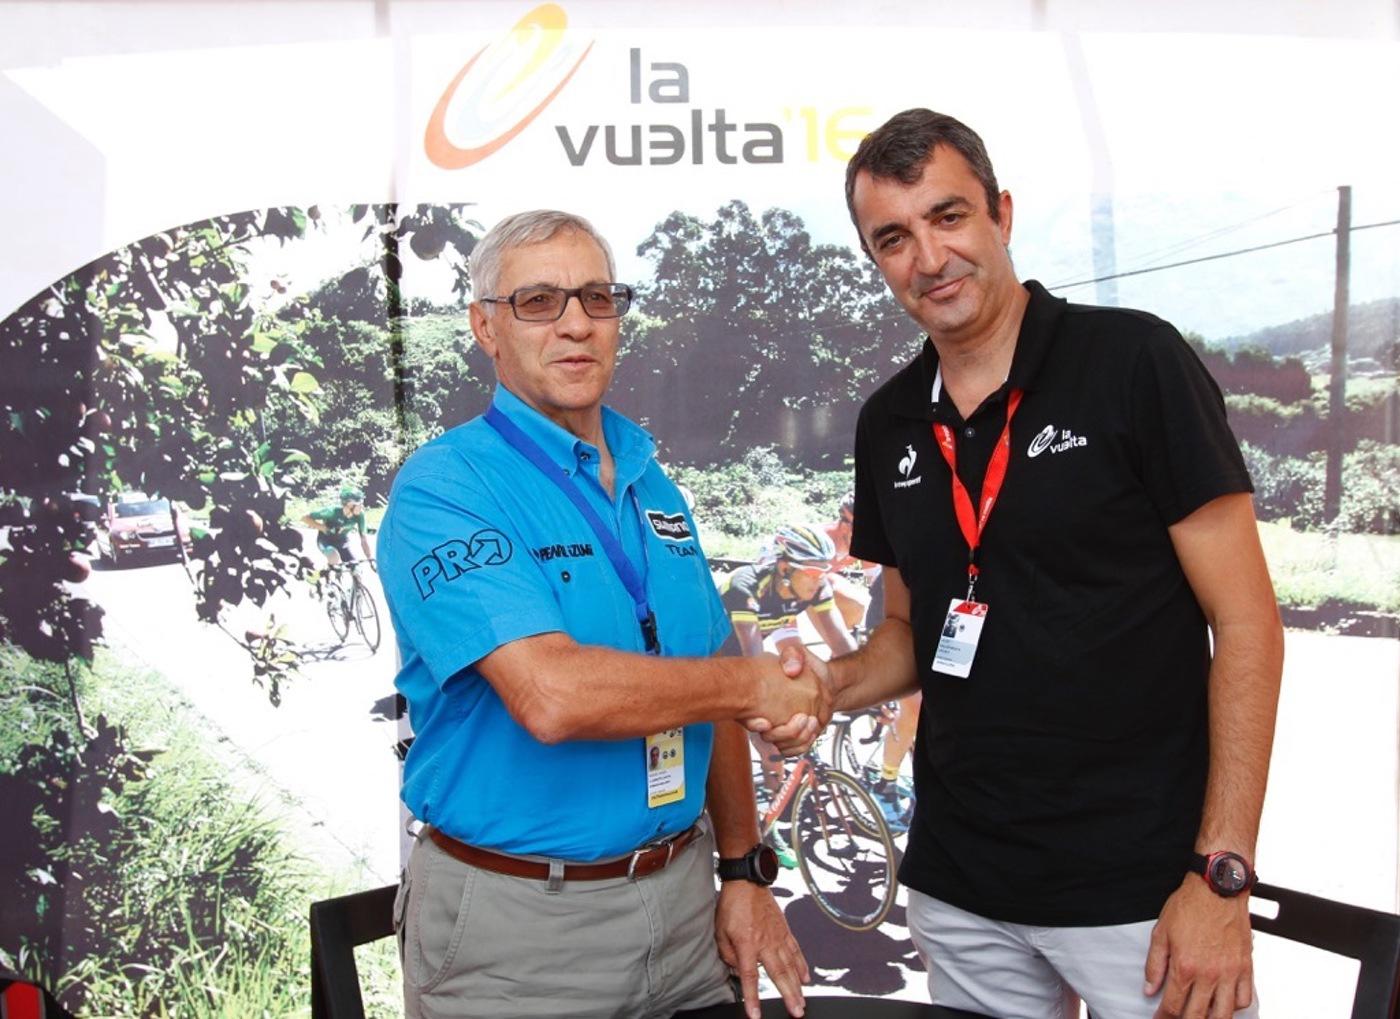 Miguel Llorente, Dtor General de Macario Llorente, y Javier Guillén, Dtor General de La Vuelta